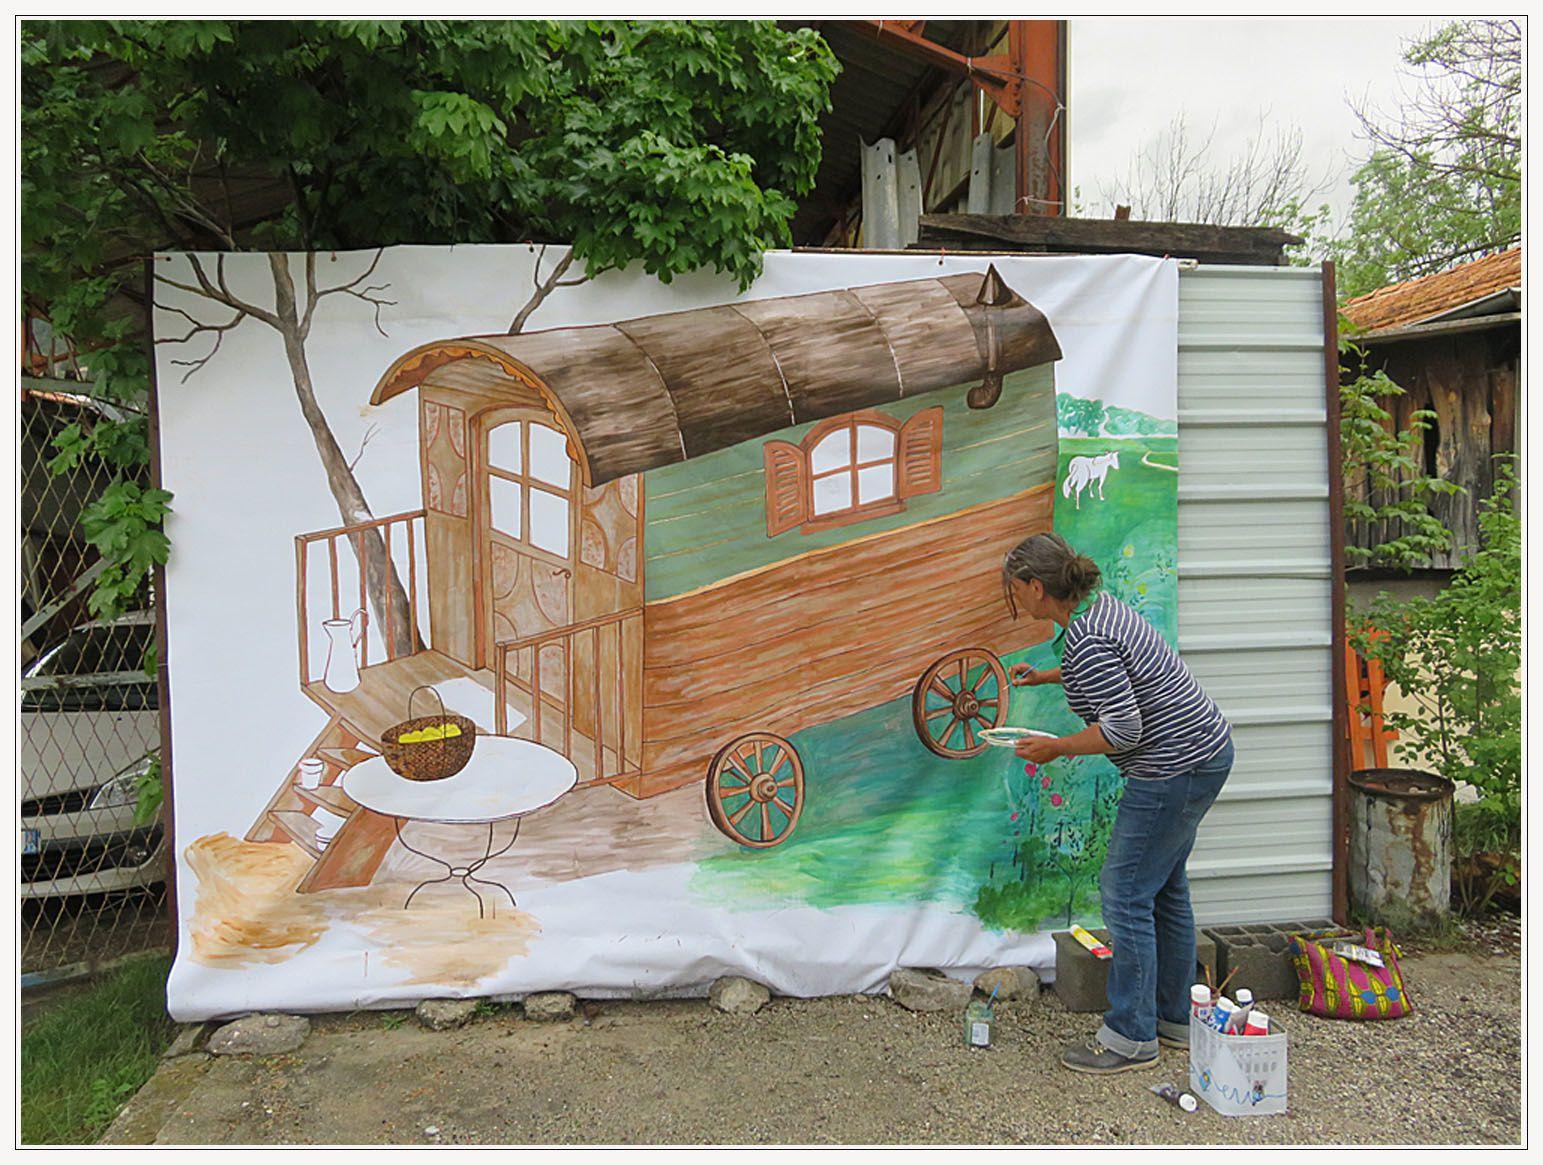 Devant la boutique La Verdine, la roulotte appelée verdine, tout un symbole et une toile d'envergure par Nathalie Martel, artiste plasticienne originaire d'Allons